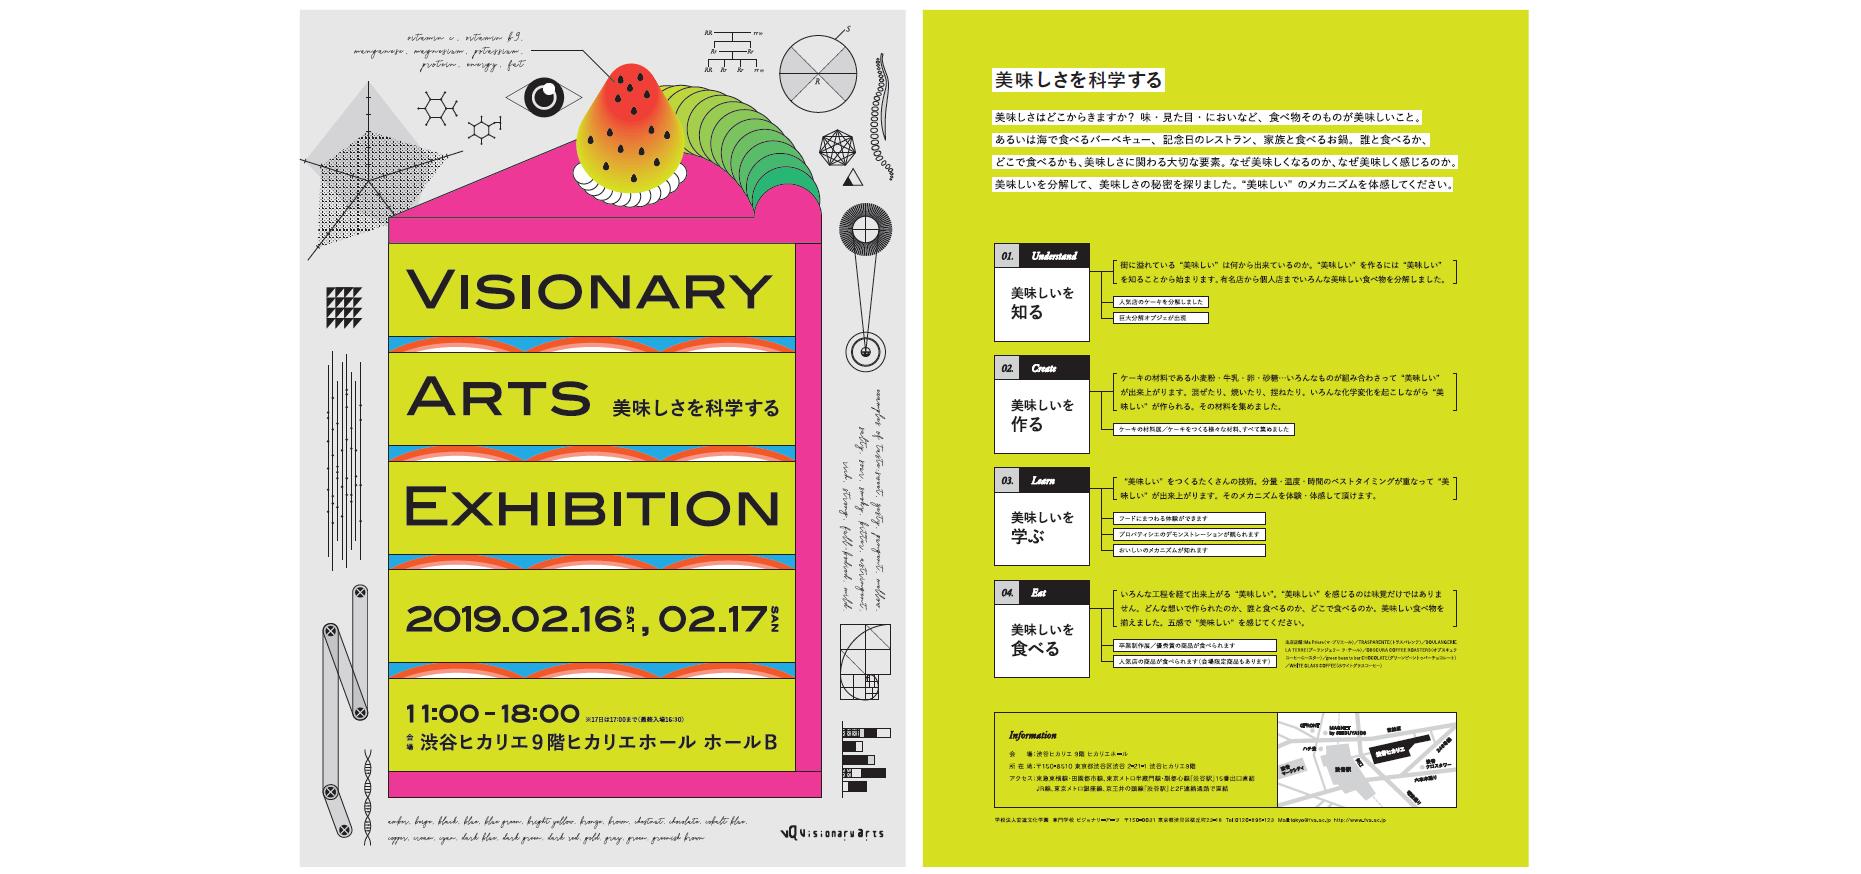 作品の制作秘話をARで表現。専門学校ビジョナリーアーツが美味しさを科学する展示会を実施